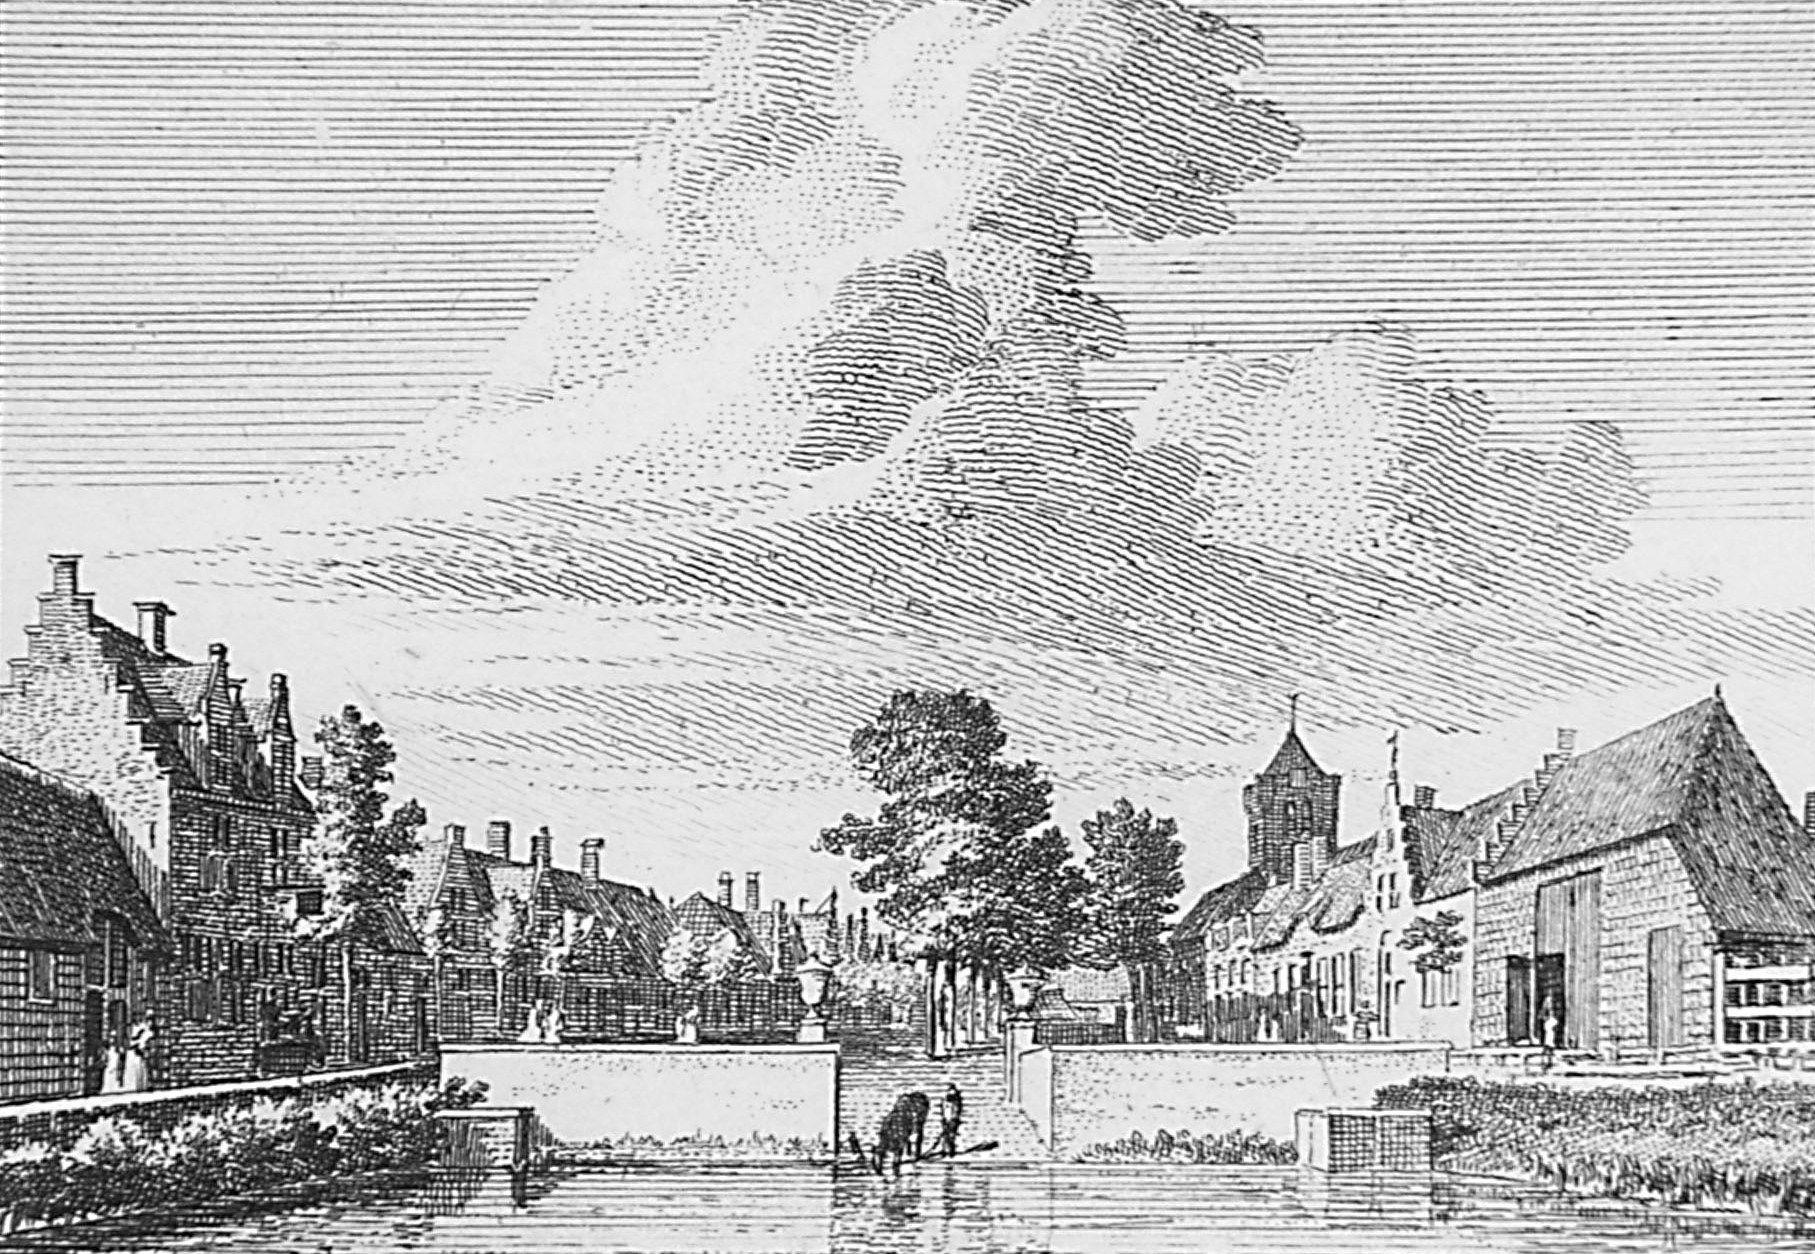 Gezicht op Baarland vanuit het oosten, met op de voorgrond de vaete, 1745. (Zeeuws Archief, coll. Zeeuws Genootschap, Zelandia Illustrata)